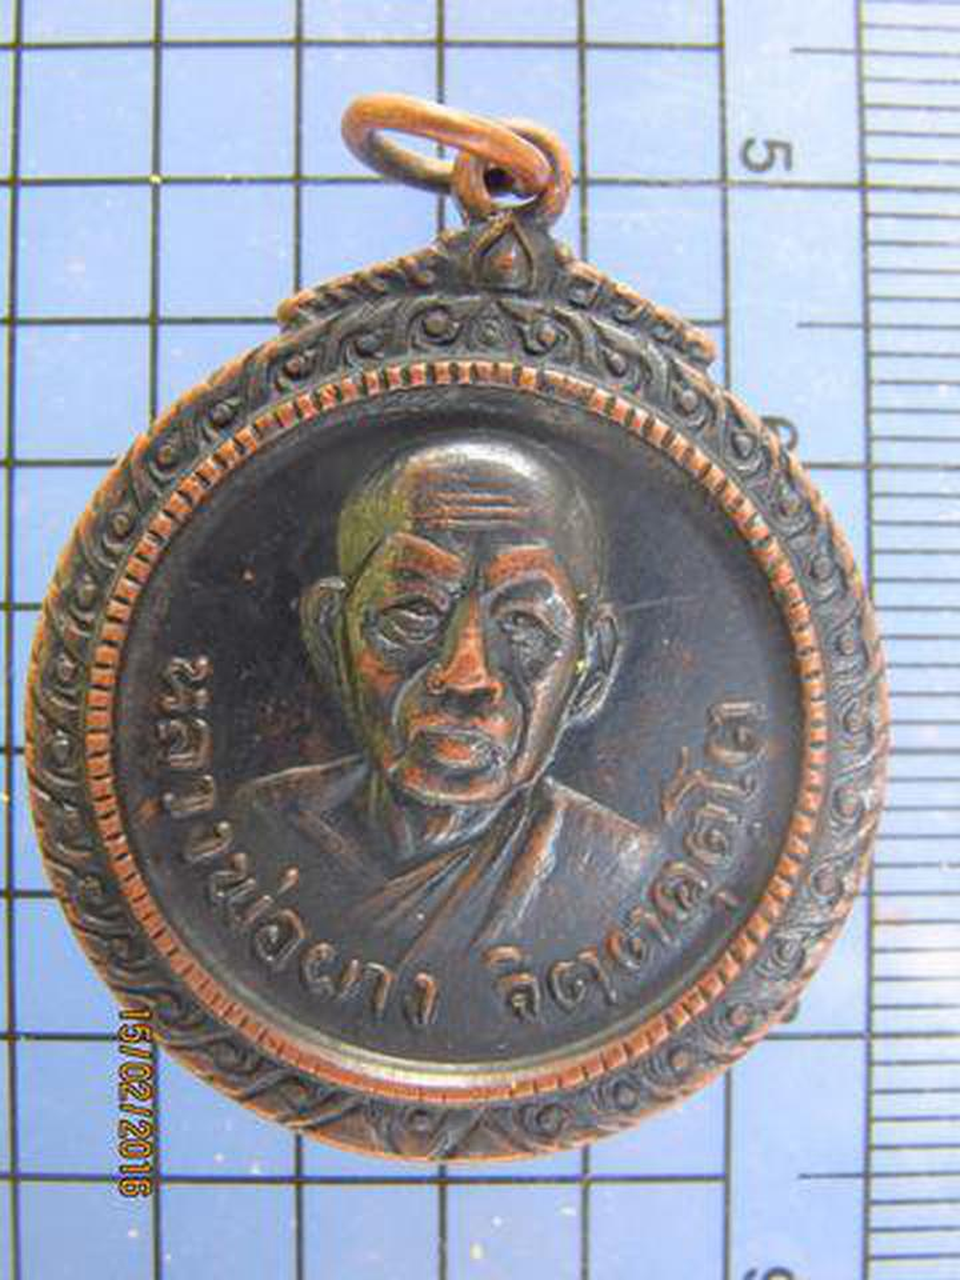 3137 เหรียญร่วมพลังจิต หลวงพ่อผาง วัดอุดมคงคาคีรีเขตต์ รุ่น  รูปที่ 2